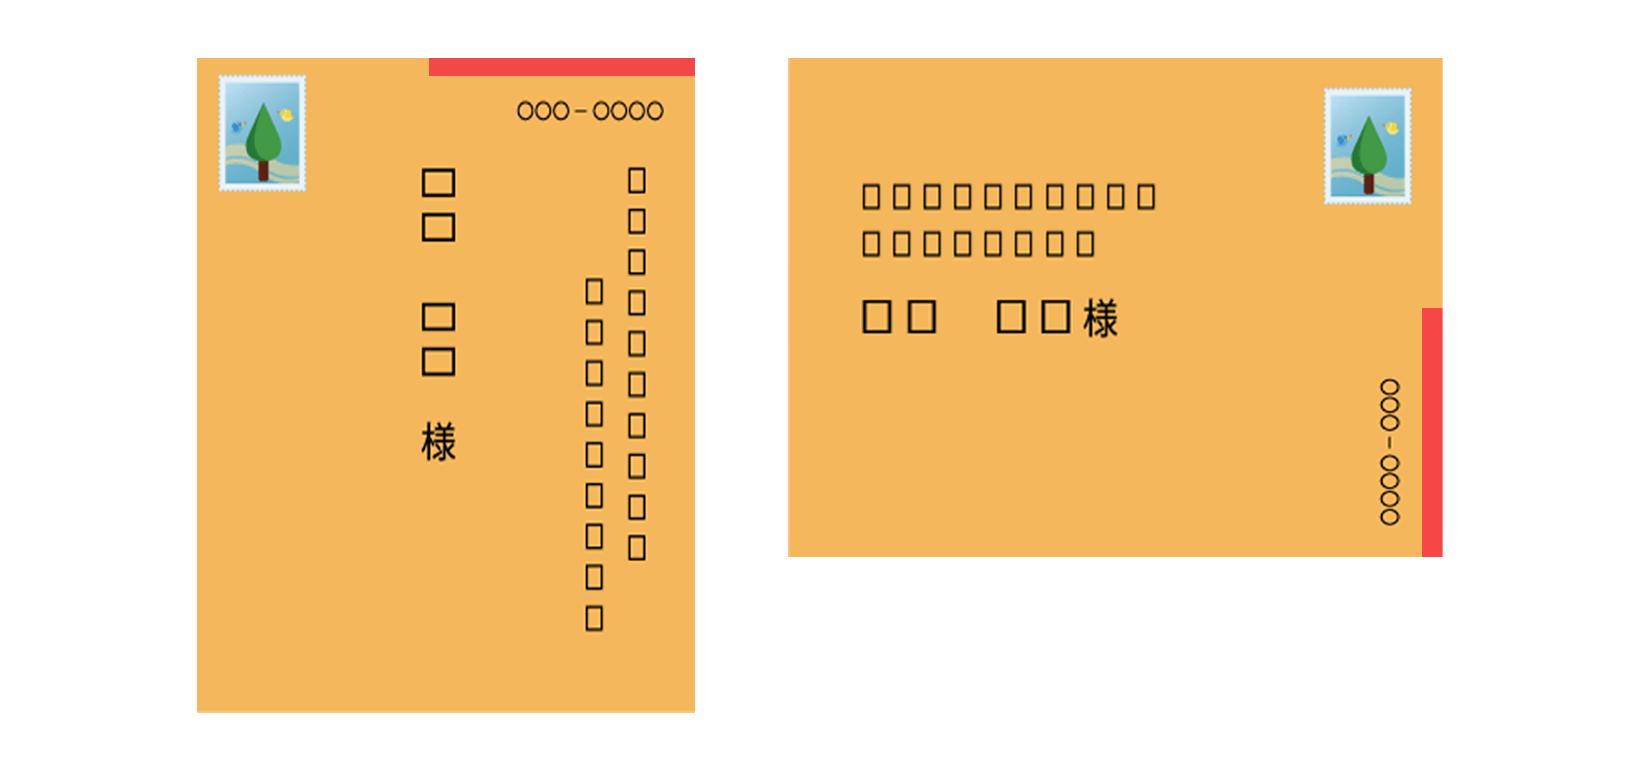 縦長の郵便物:表面の右上部に赤い線を引く、横長の郵便物:右側部に赤い線を引く